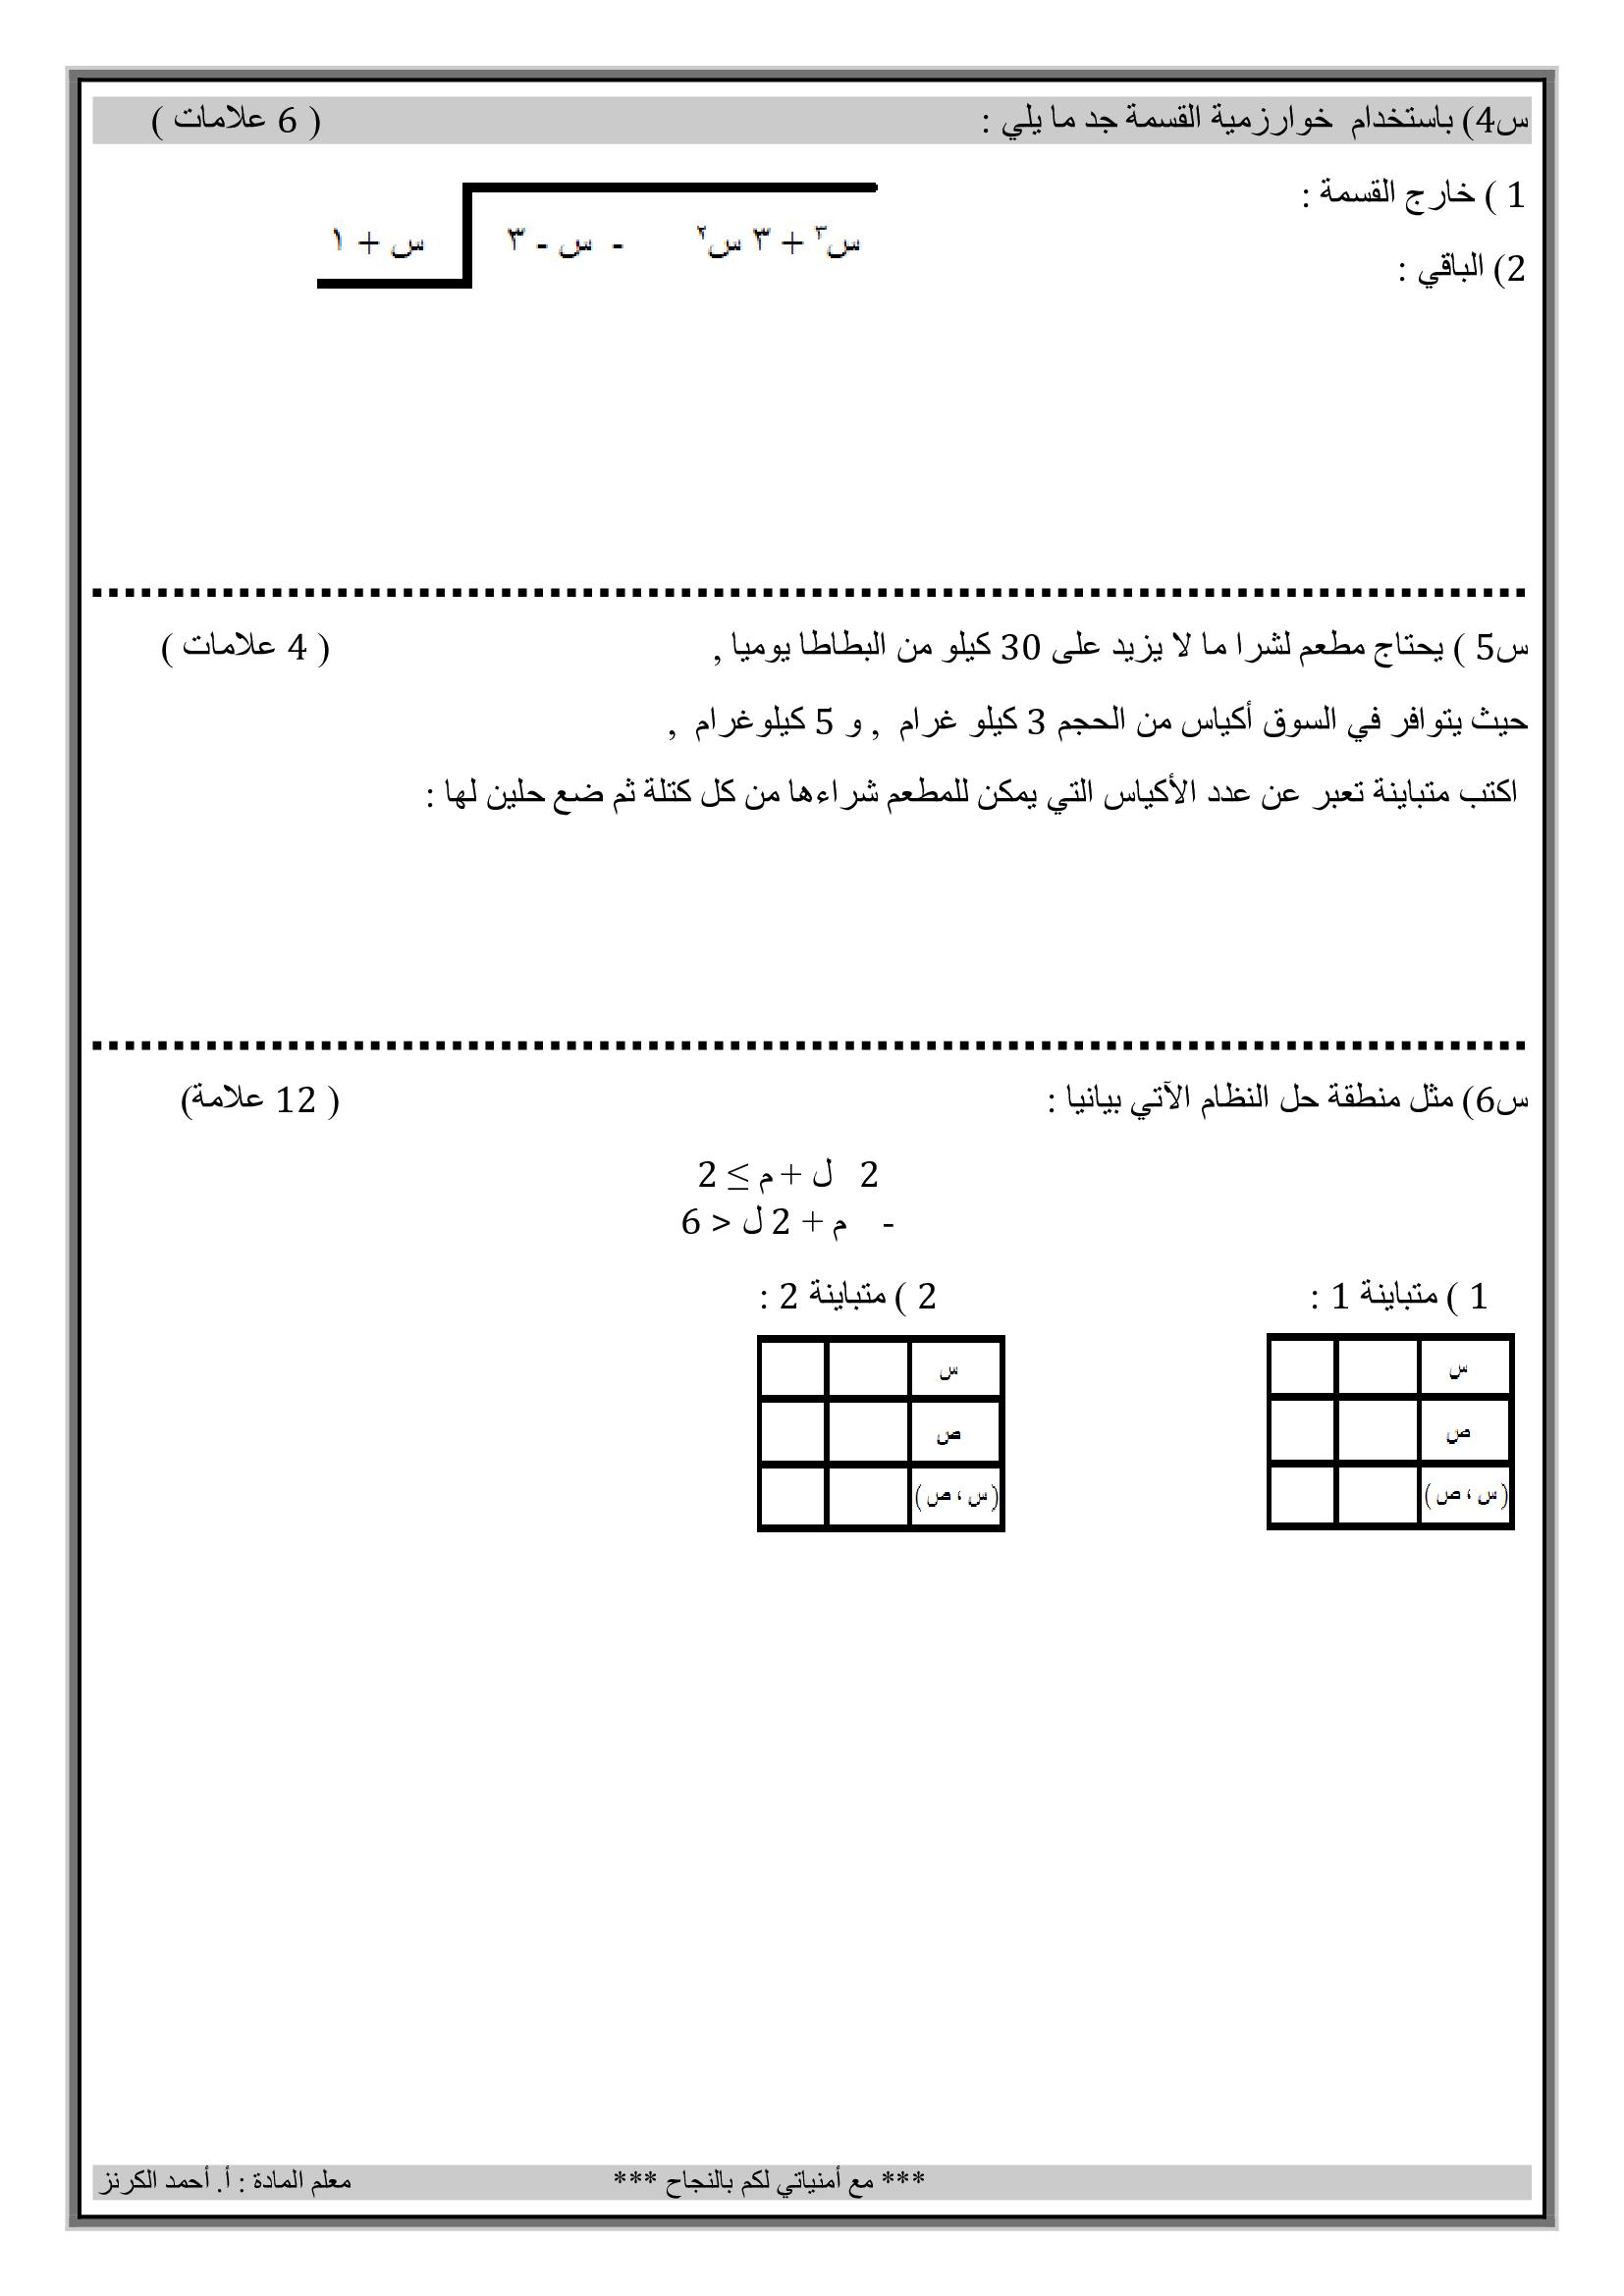 صور و وورد امتحان الرياضيات الشهر الاول للصف العاشر الفصل الاول 2019